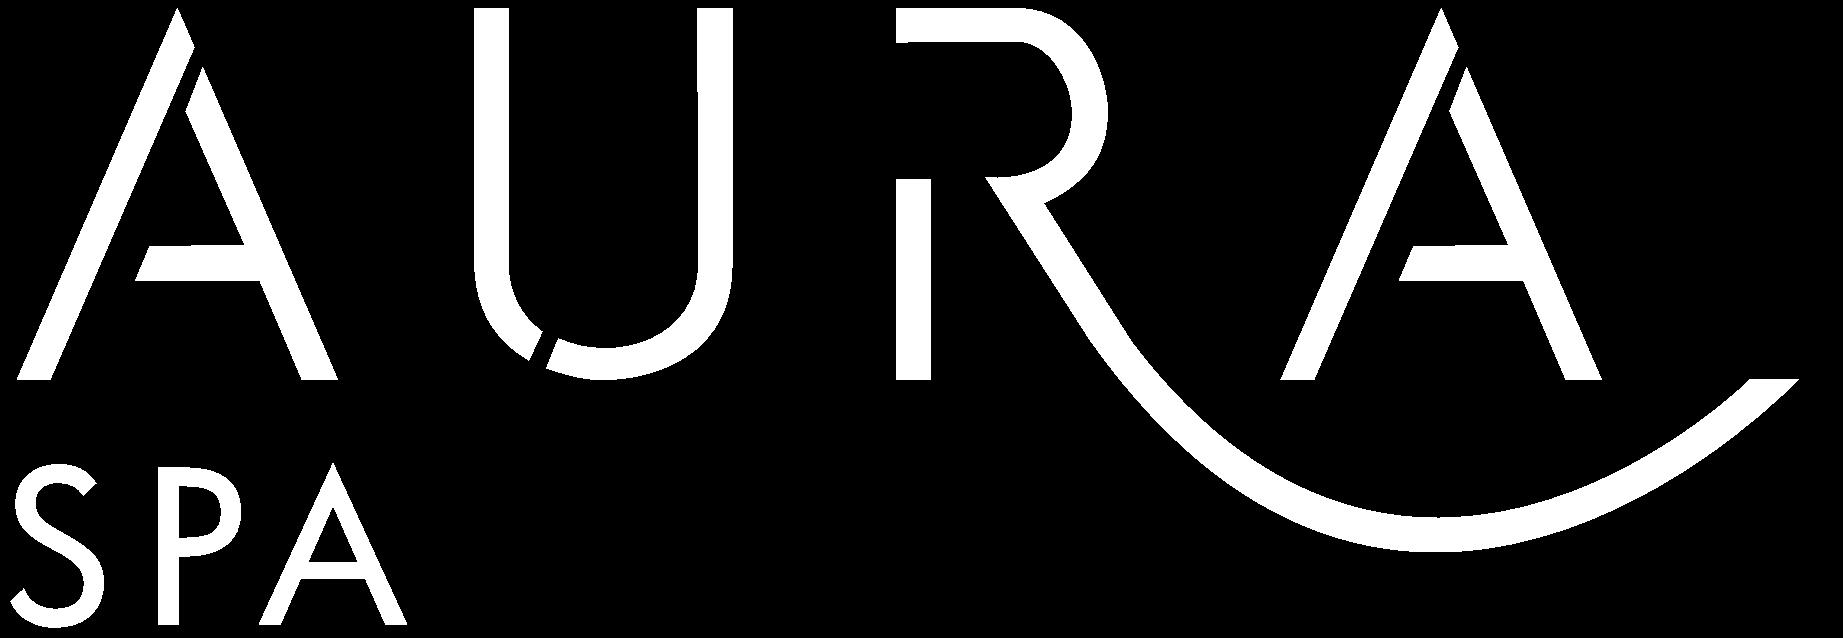 AuraSpa ulkoporeallas logo